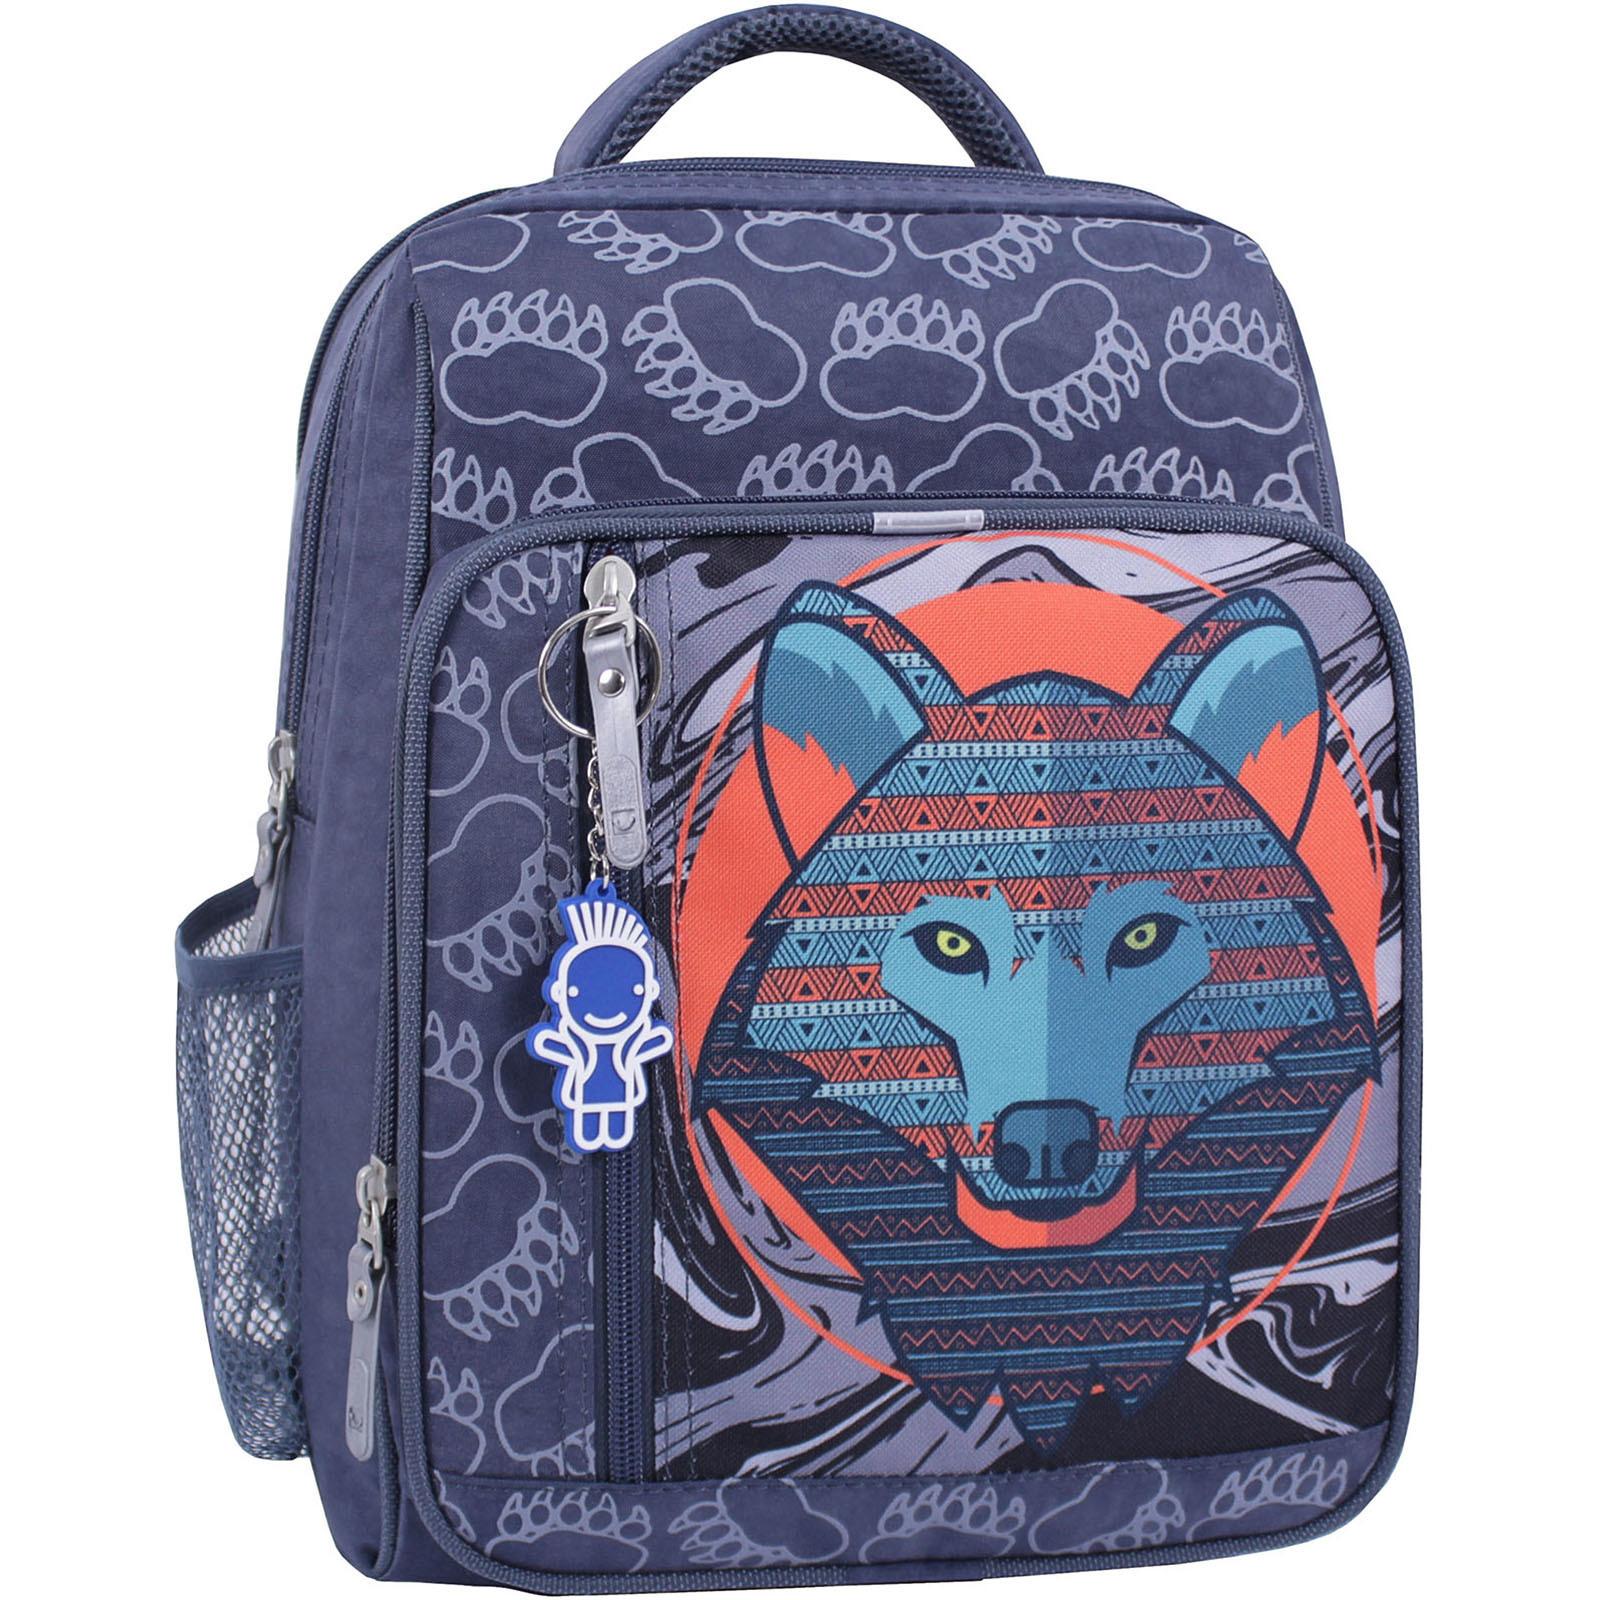 Рюкзак школьный Bagland Школьник 8 л. 321 серый 509 (00112702) фото1